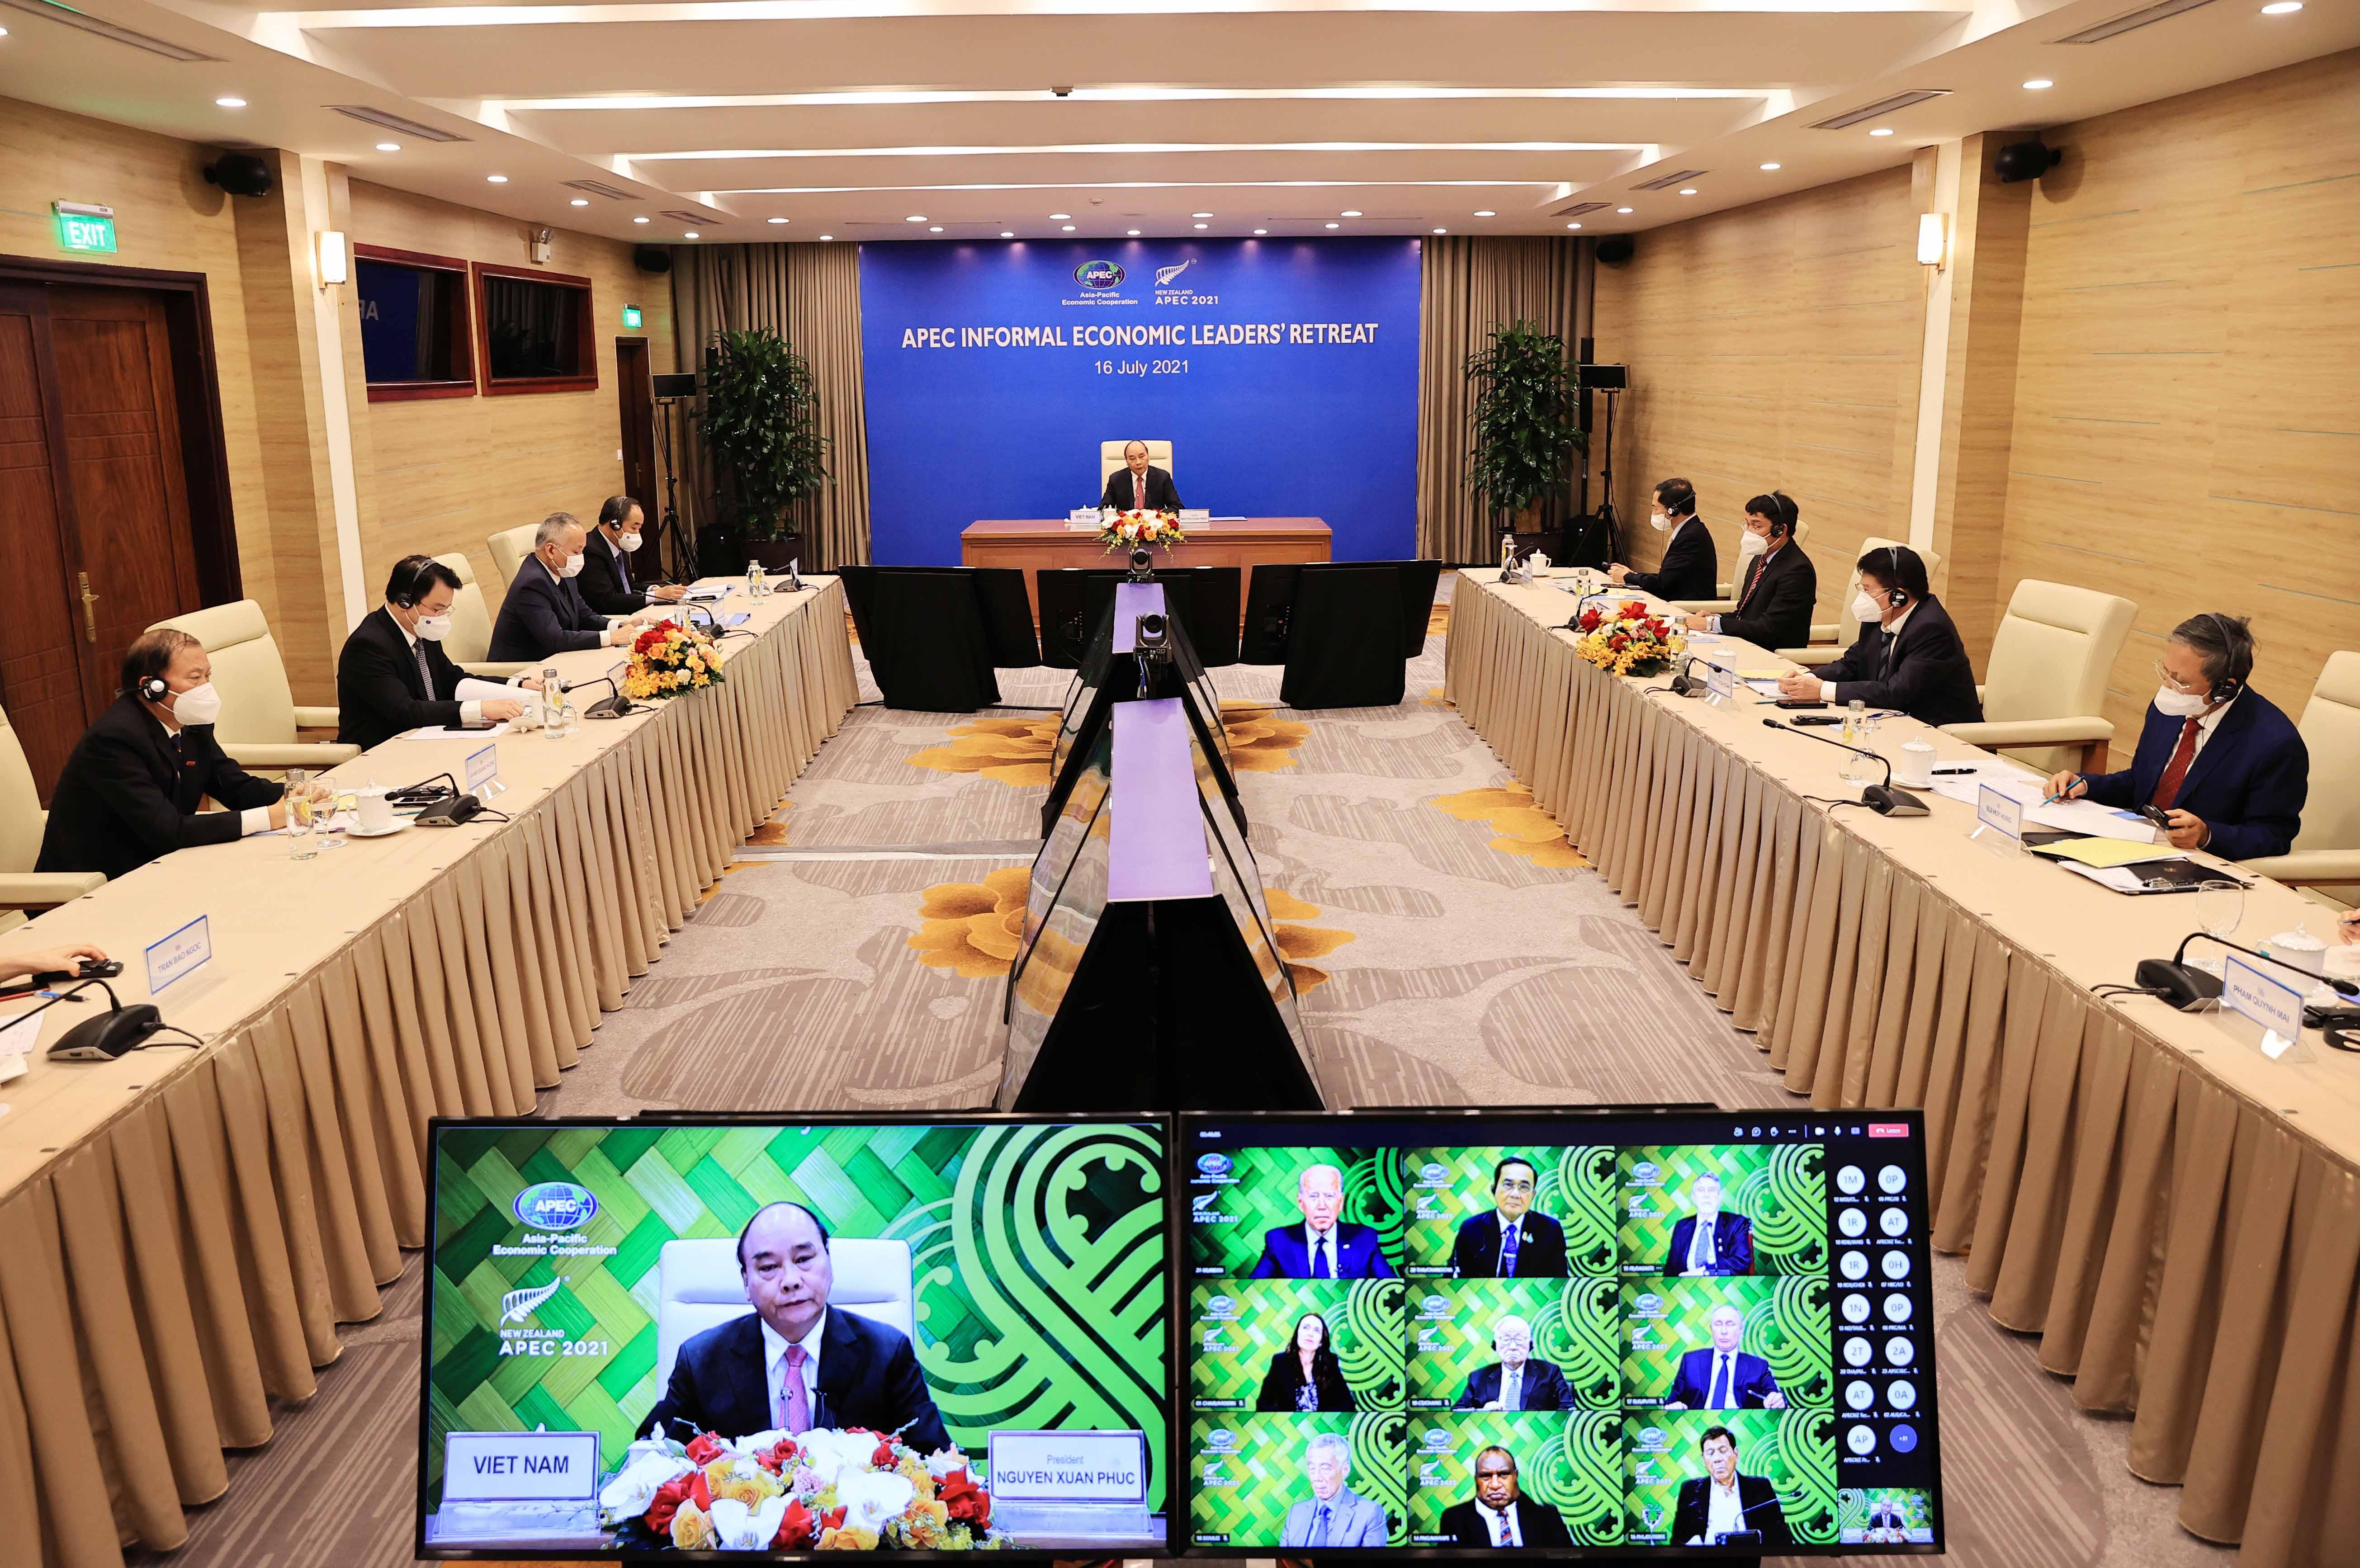 Chủ tịch nước tham dự cuộc họp theo hình thức trực tuyến - Ảnh: TTXVN.